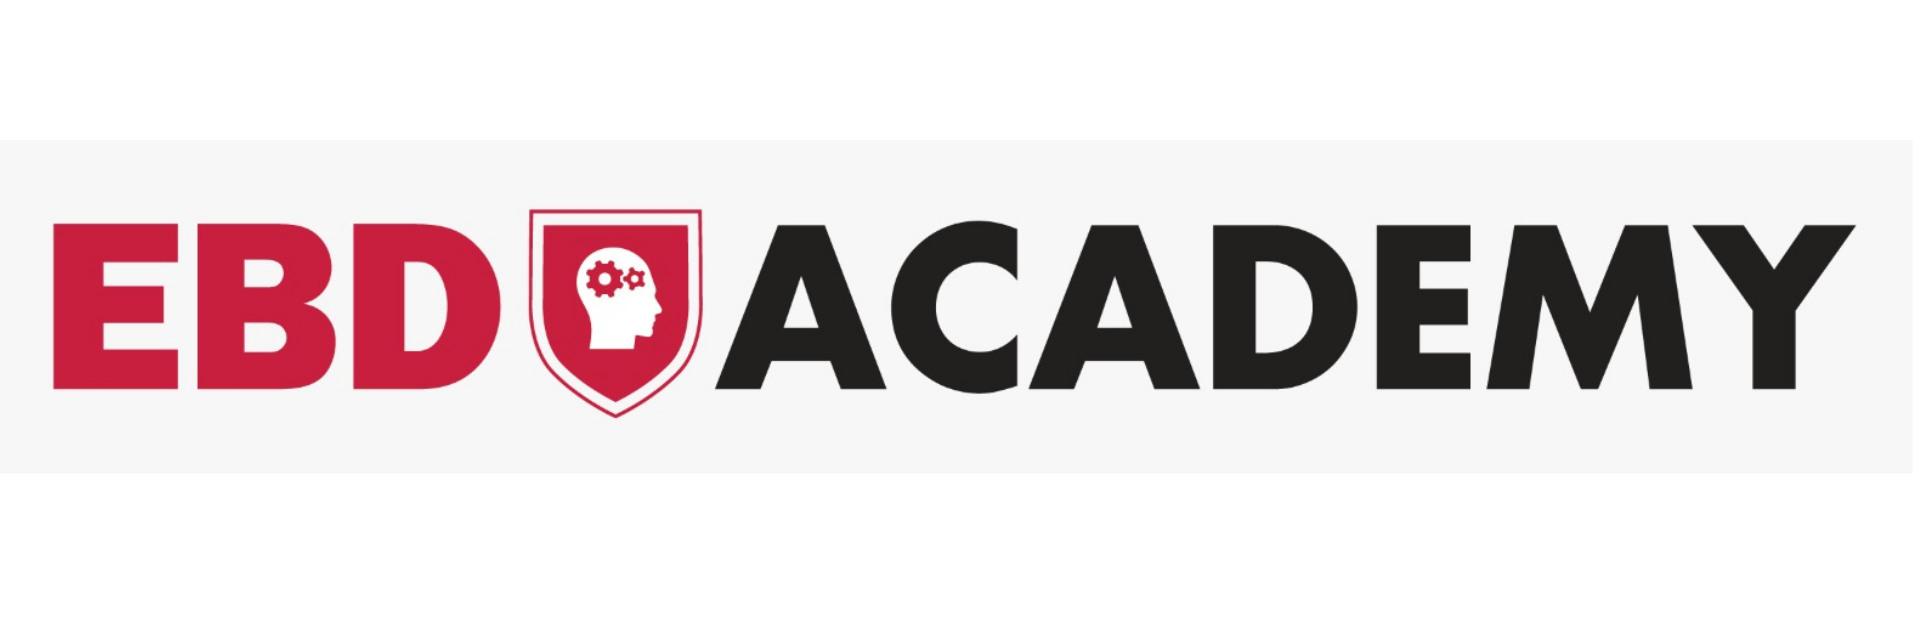 EBD Academy